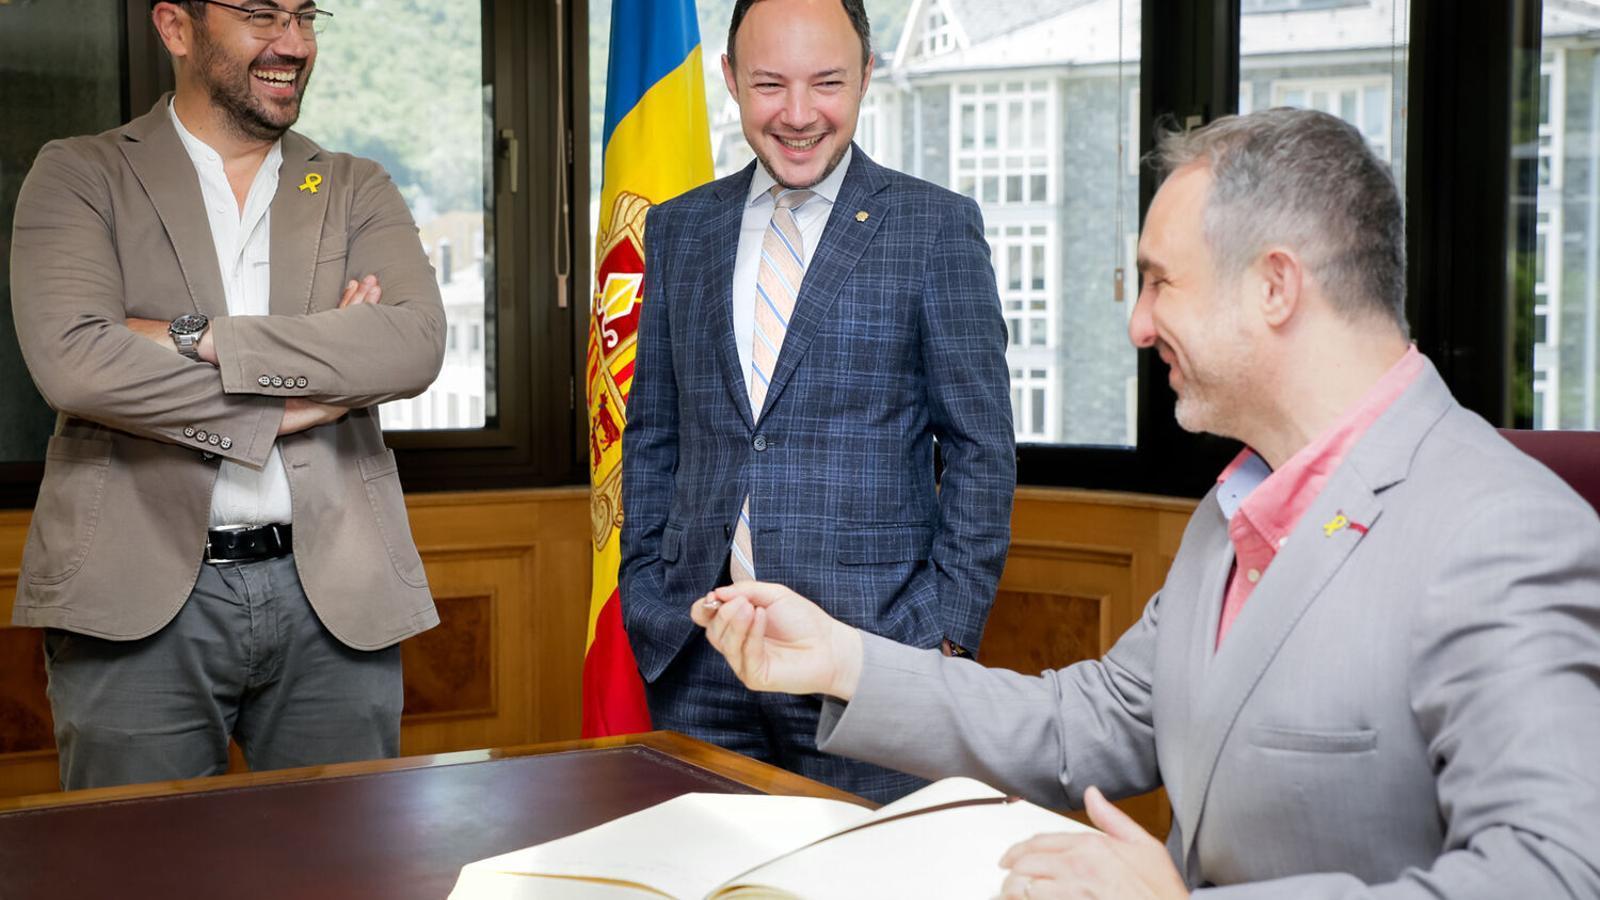 L'alcalde de la Seu d'Urgell, Jordi Fàbrega, signa el llibre d'honor amb presència del cap de Govern, Xavier Espot, i del regidor de l'ajuntament Francesc Viaplana. / SFG